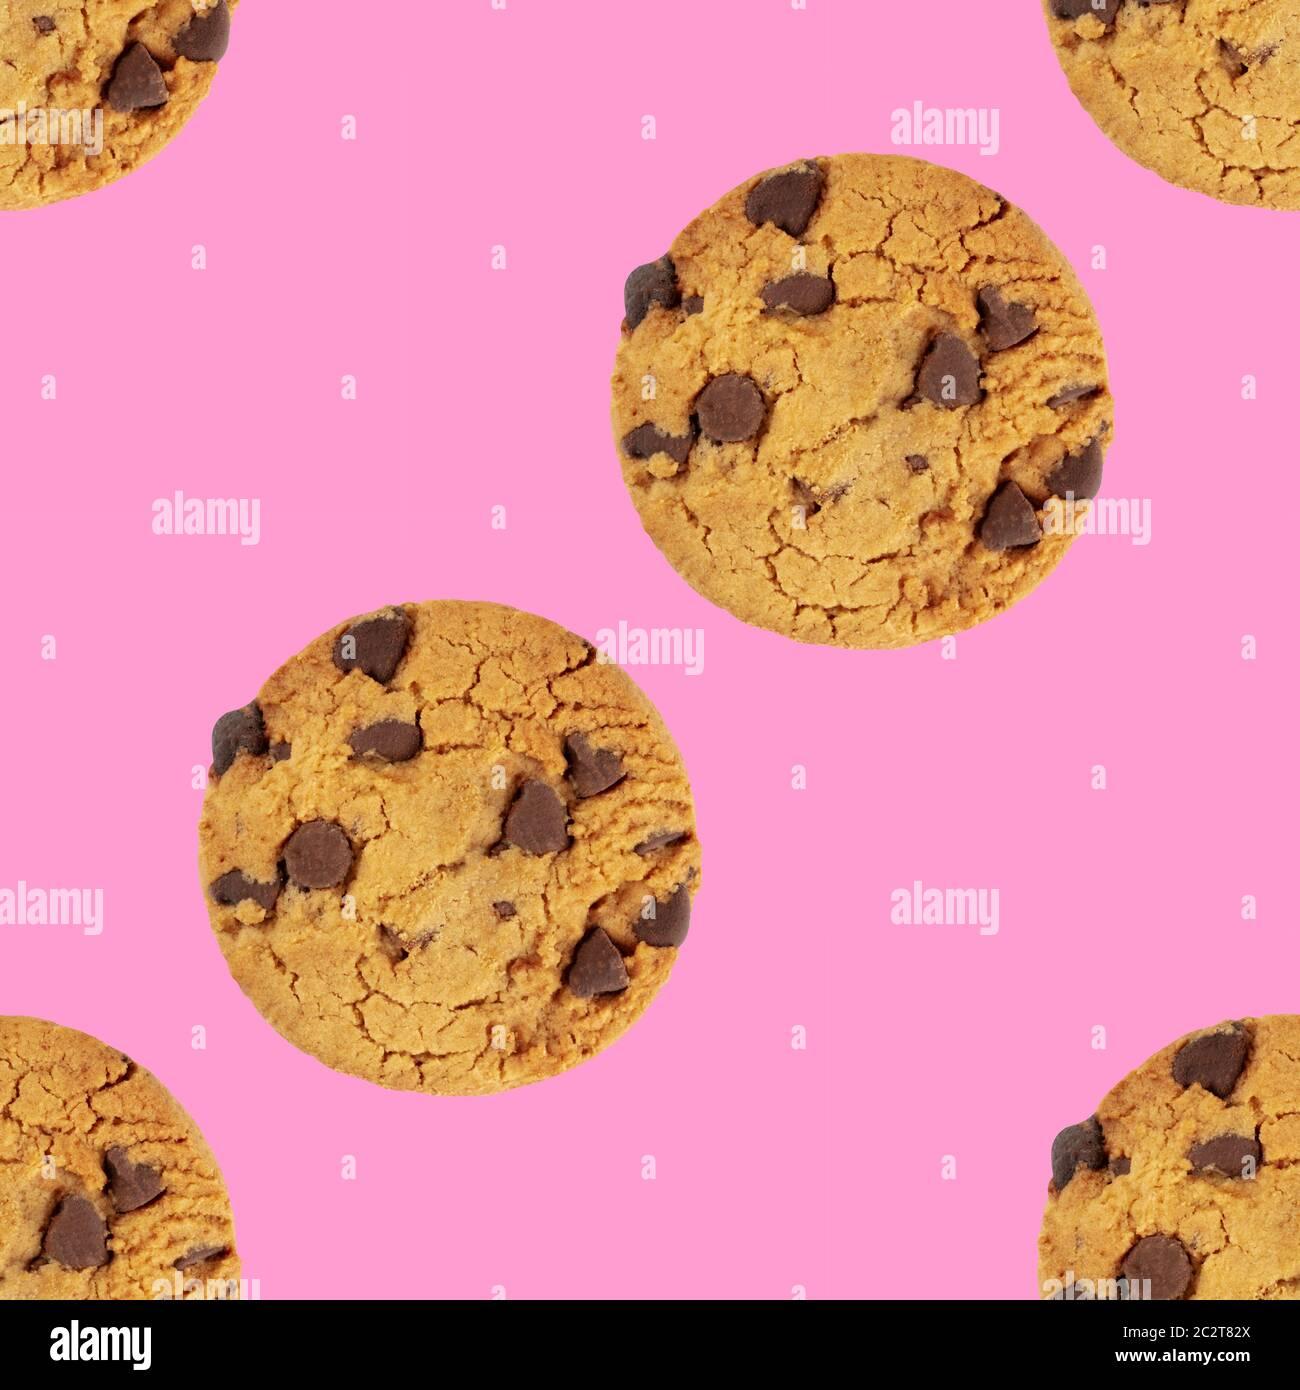 Las galletas con trocitos de chocolate, libre de gluten, un patrón de repetición perfecta en un vibrante color rosa de fondo Foto de stock